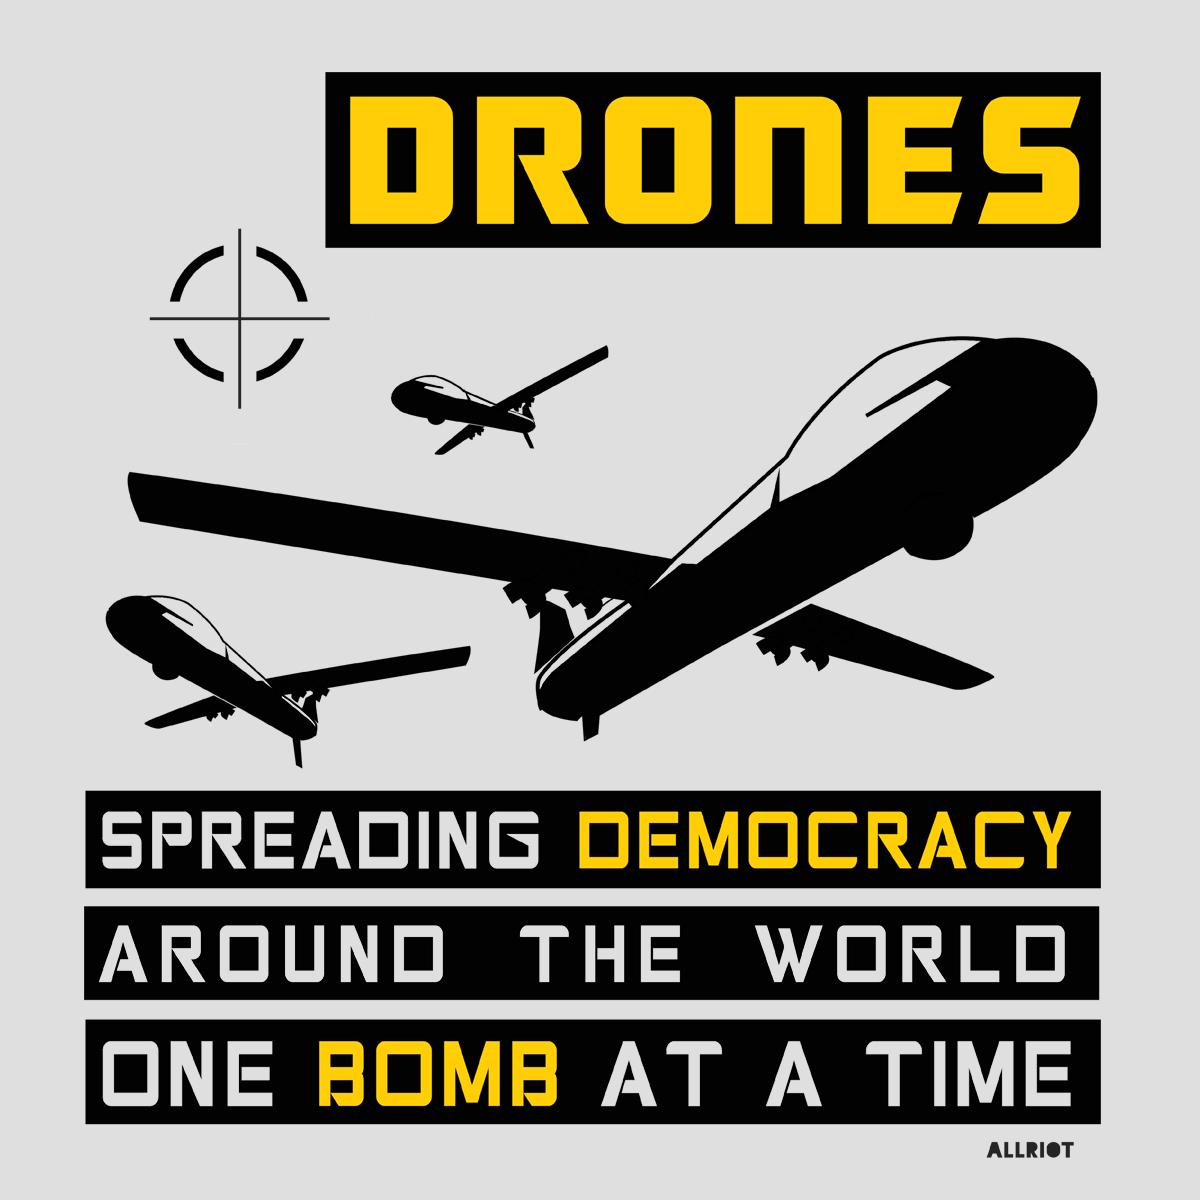 drones - spreading democracy around the world